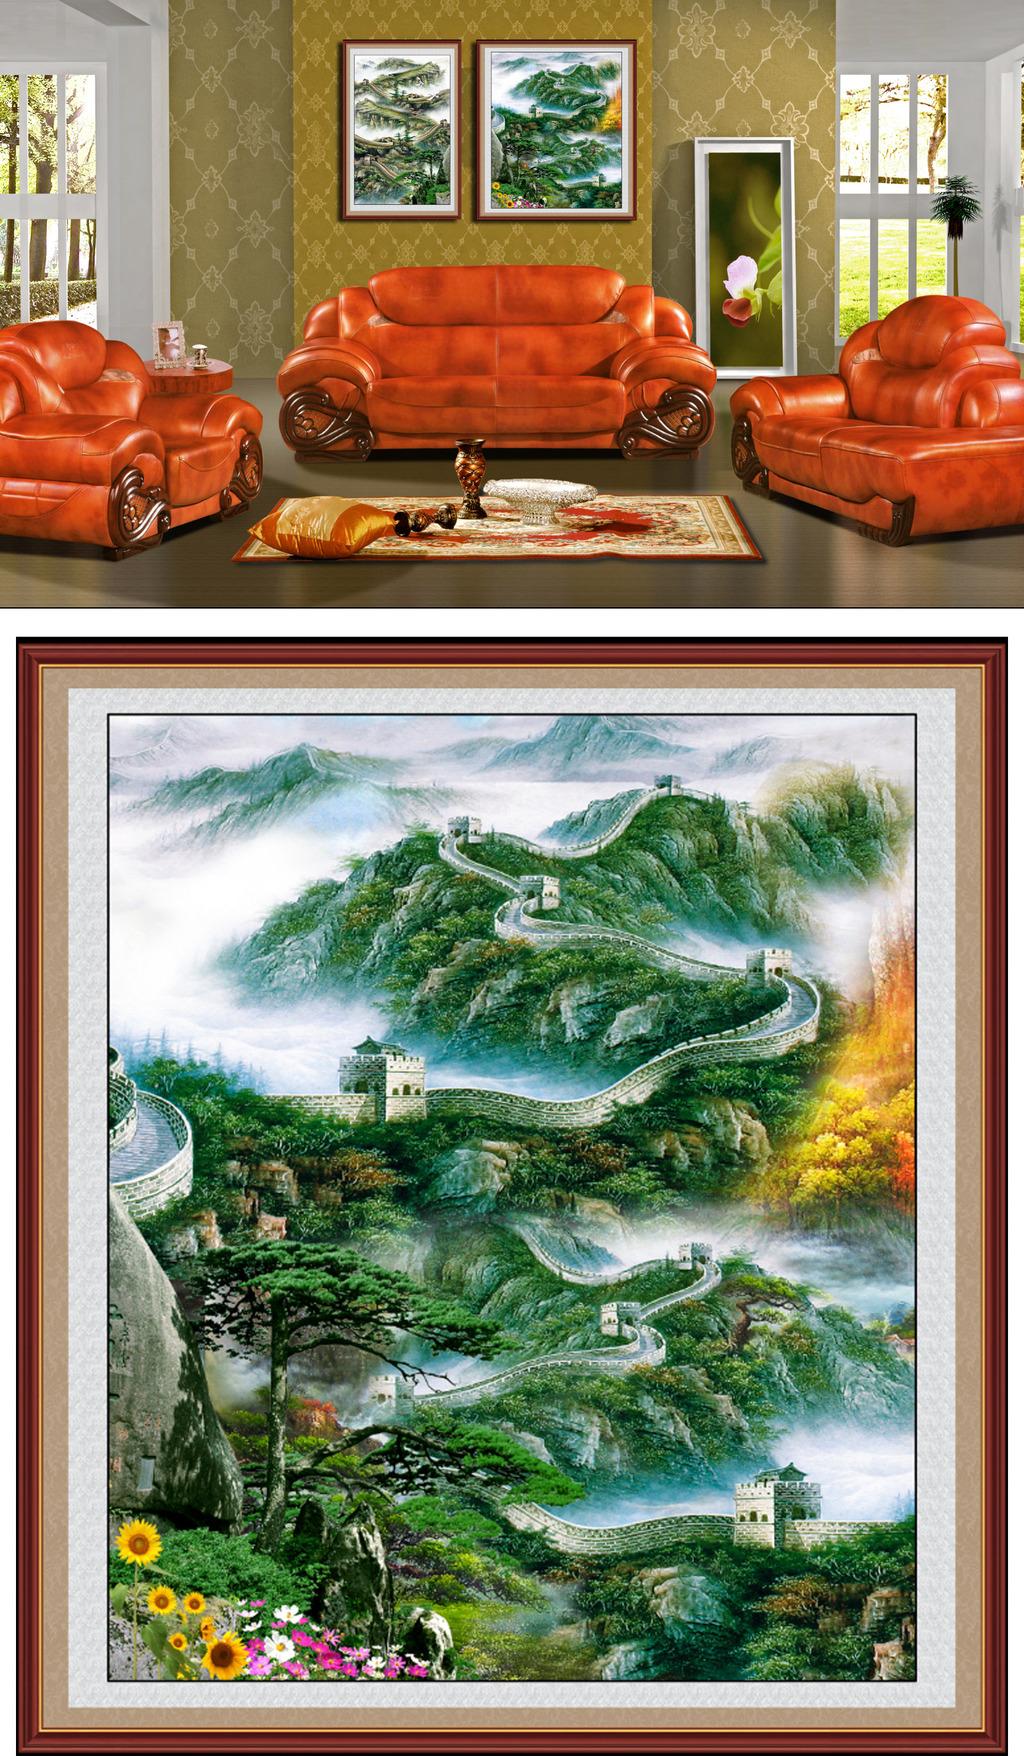 油画风景万里长城